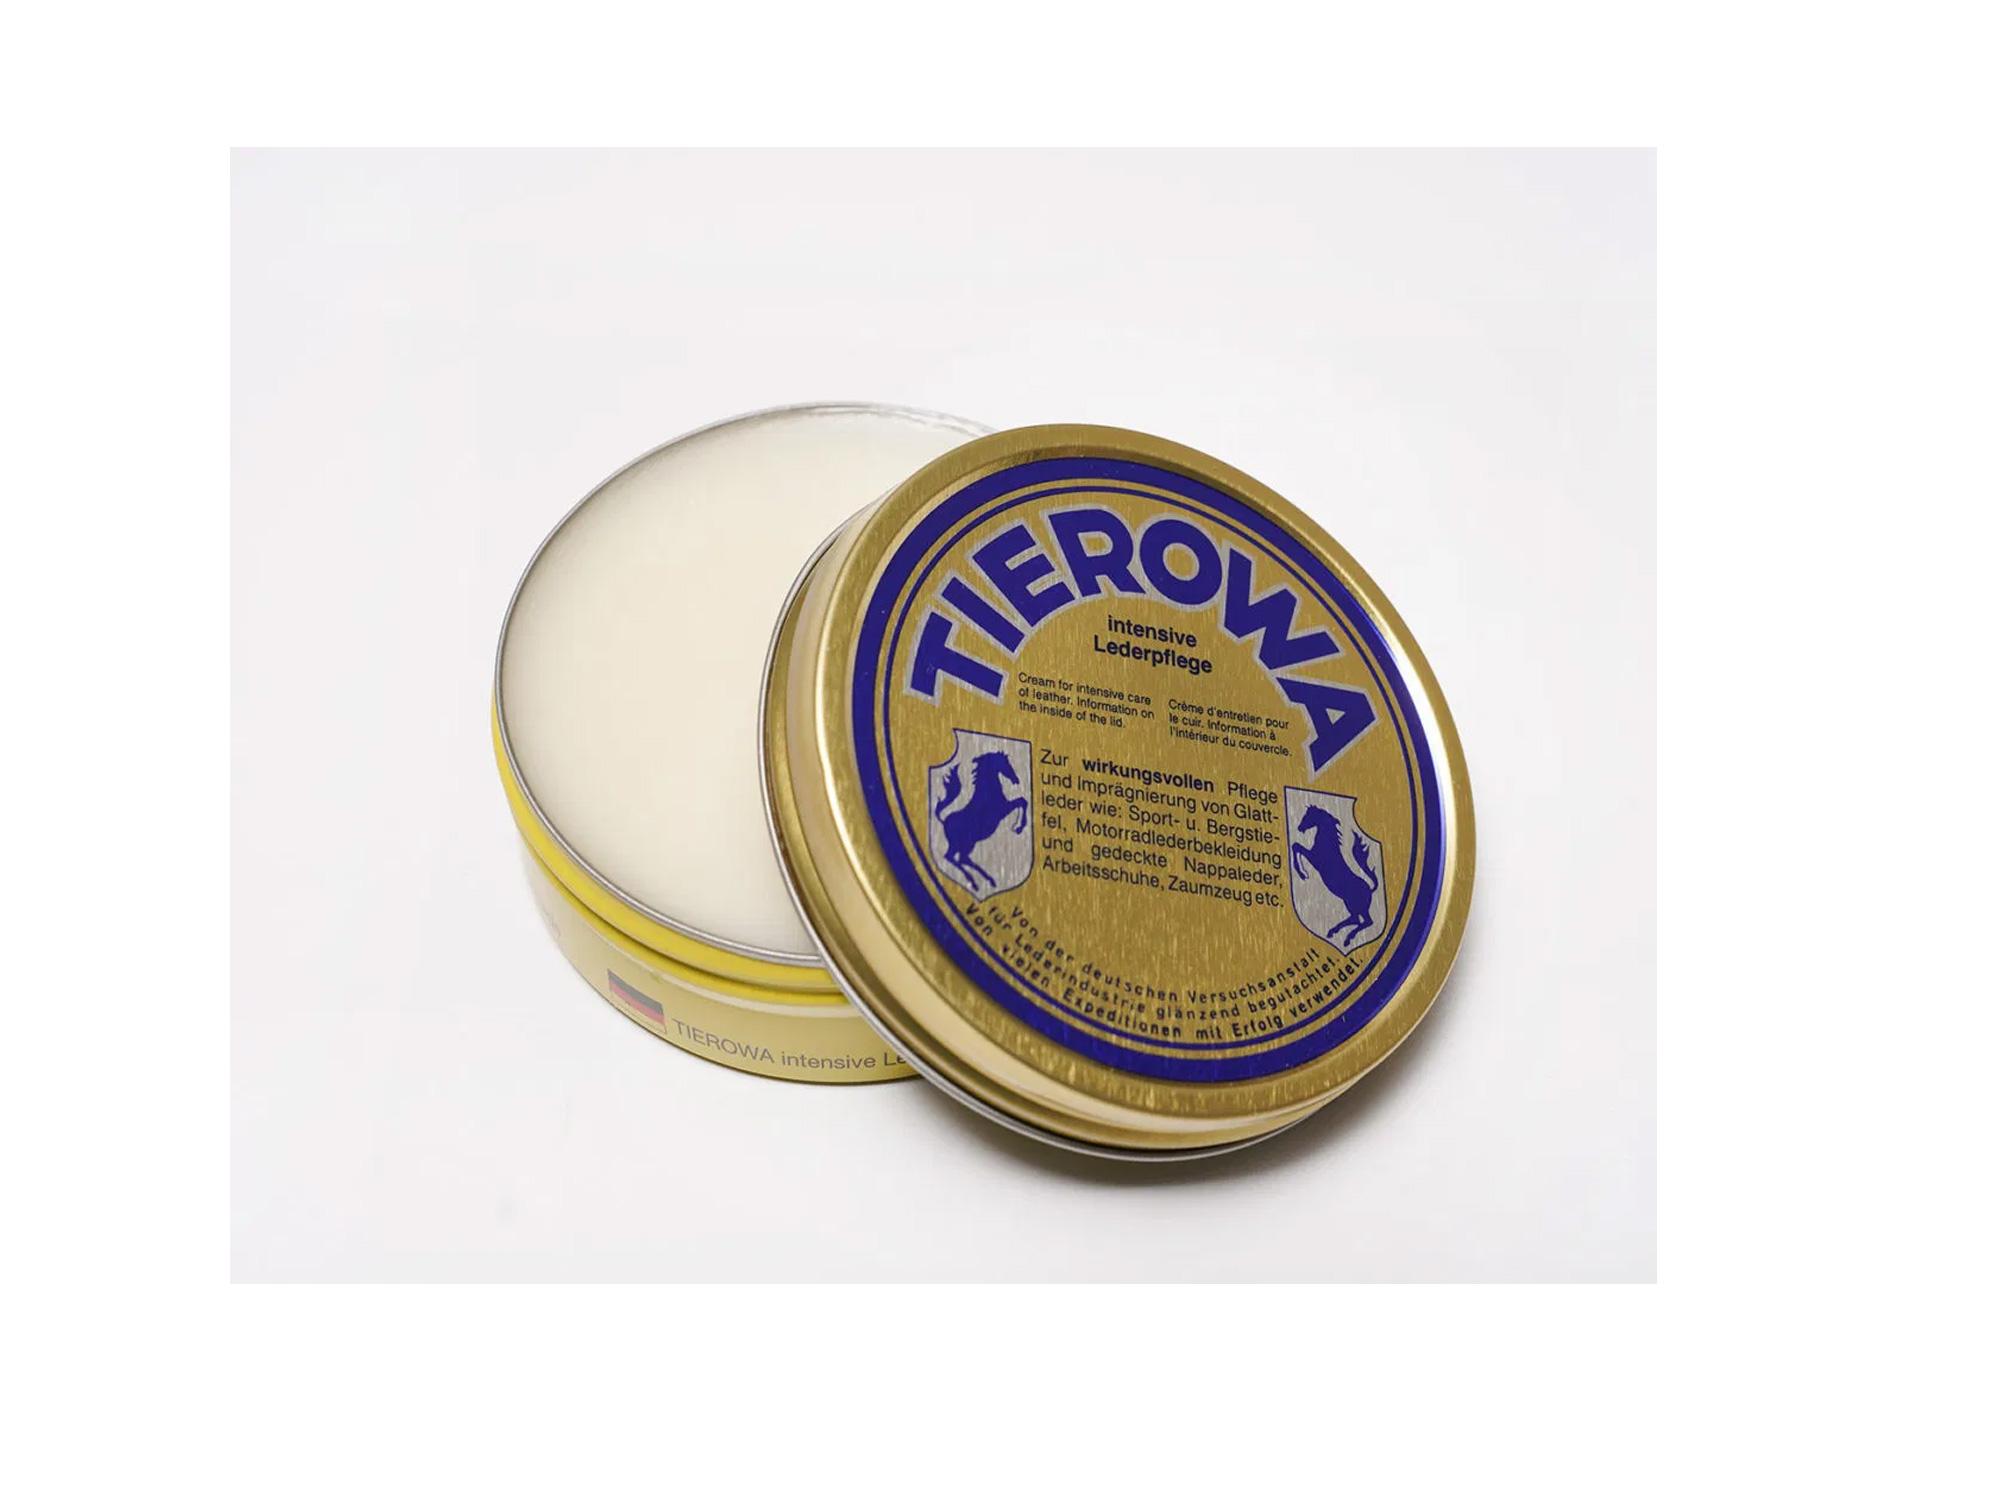 Tierowa Lederfett Farbneutral 100 ml